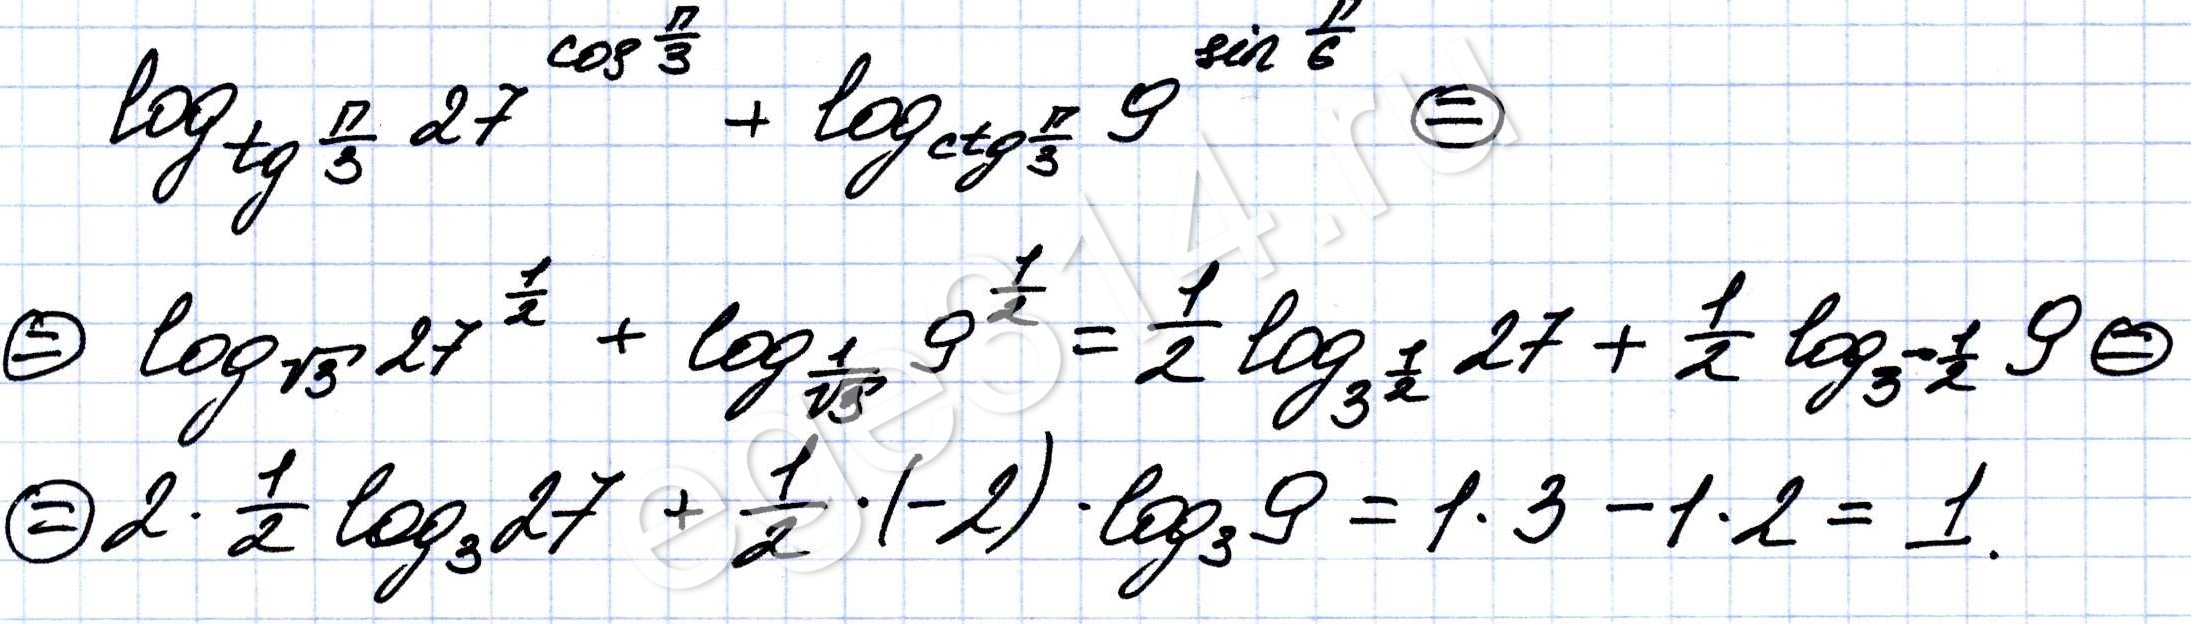 Найдите значение выражения: log tg 27 cos + log ctg 9 sin